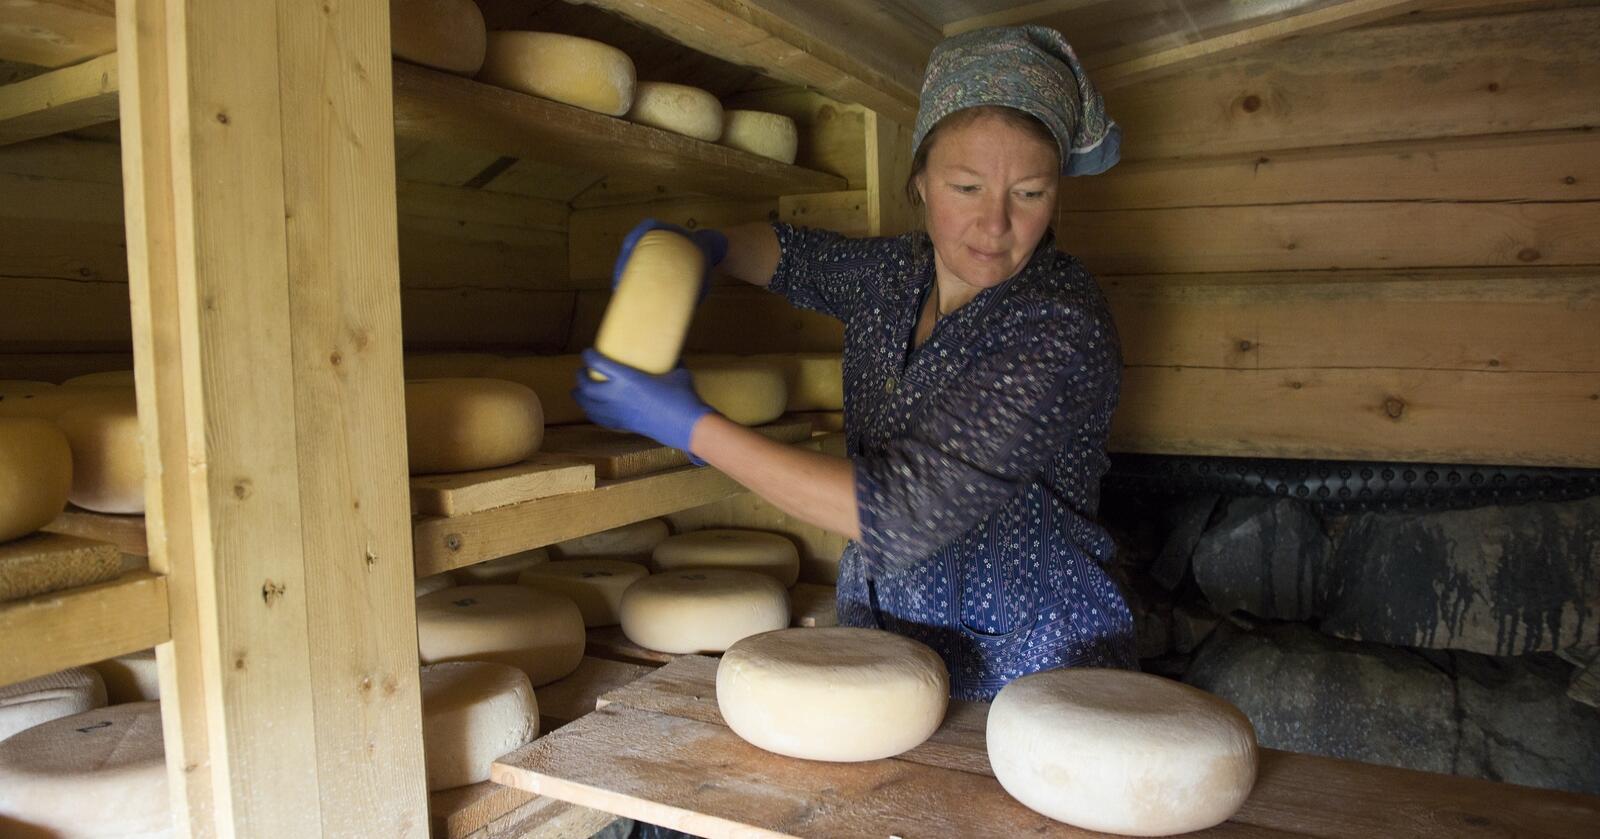 – Uforståelig. – Forbudet mot salg av rå melk er uforståelig. Det ser ut som departementet ikke tar innover seg at dagens forbrukere er opplyste og i stadig større grad etterspør rå melk, sier Ragnhild Nordbø, fagrådgiver i Norsk Gardsost. Her på Jelsetra i Rennebu i Trøndelag – der det også er osteproduksjon. Foto: Aina Bye